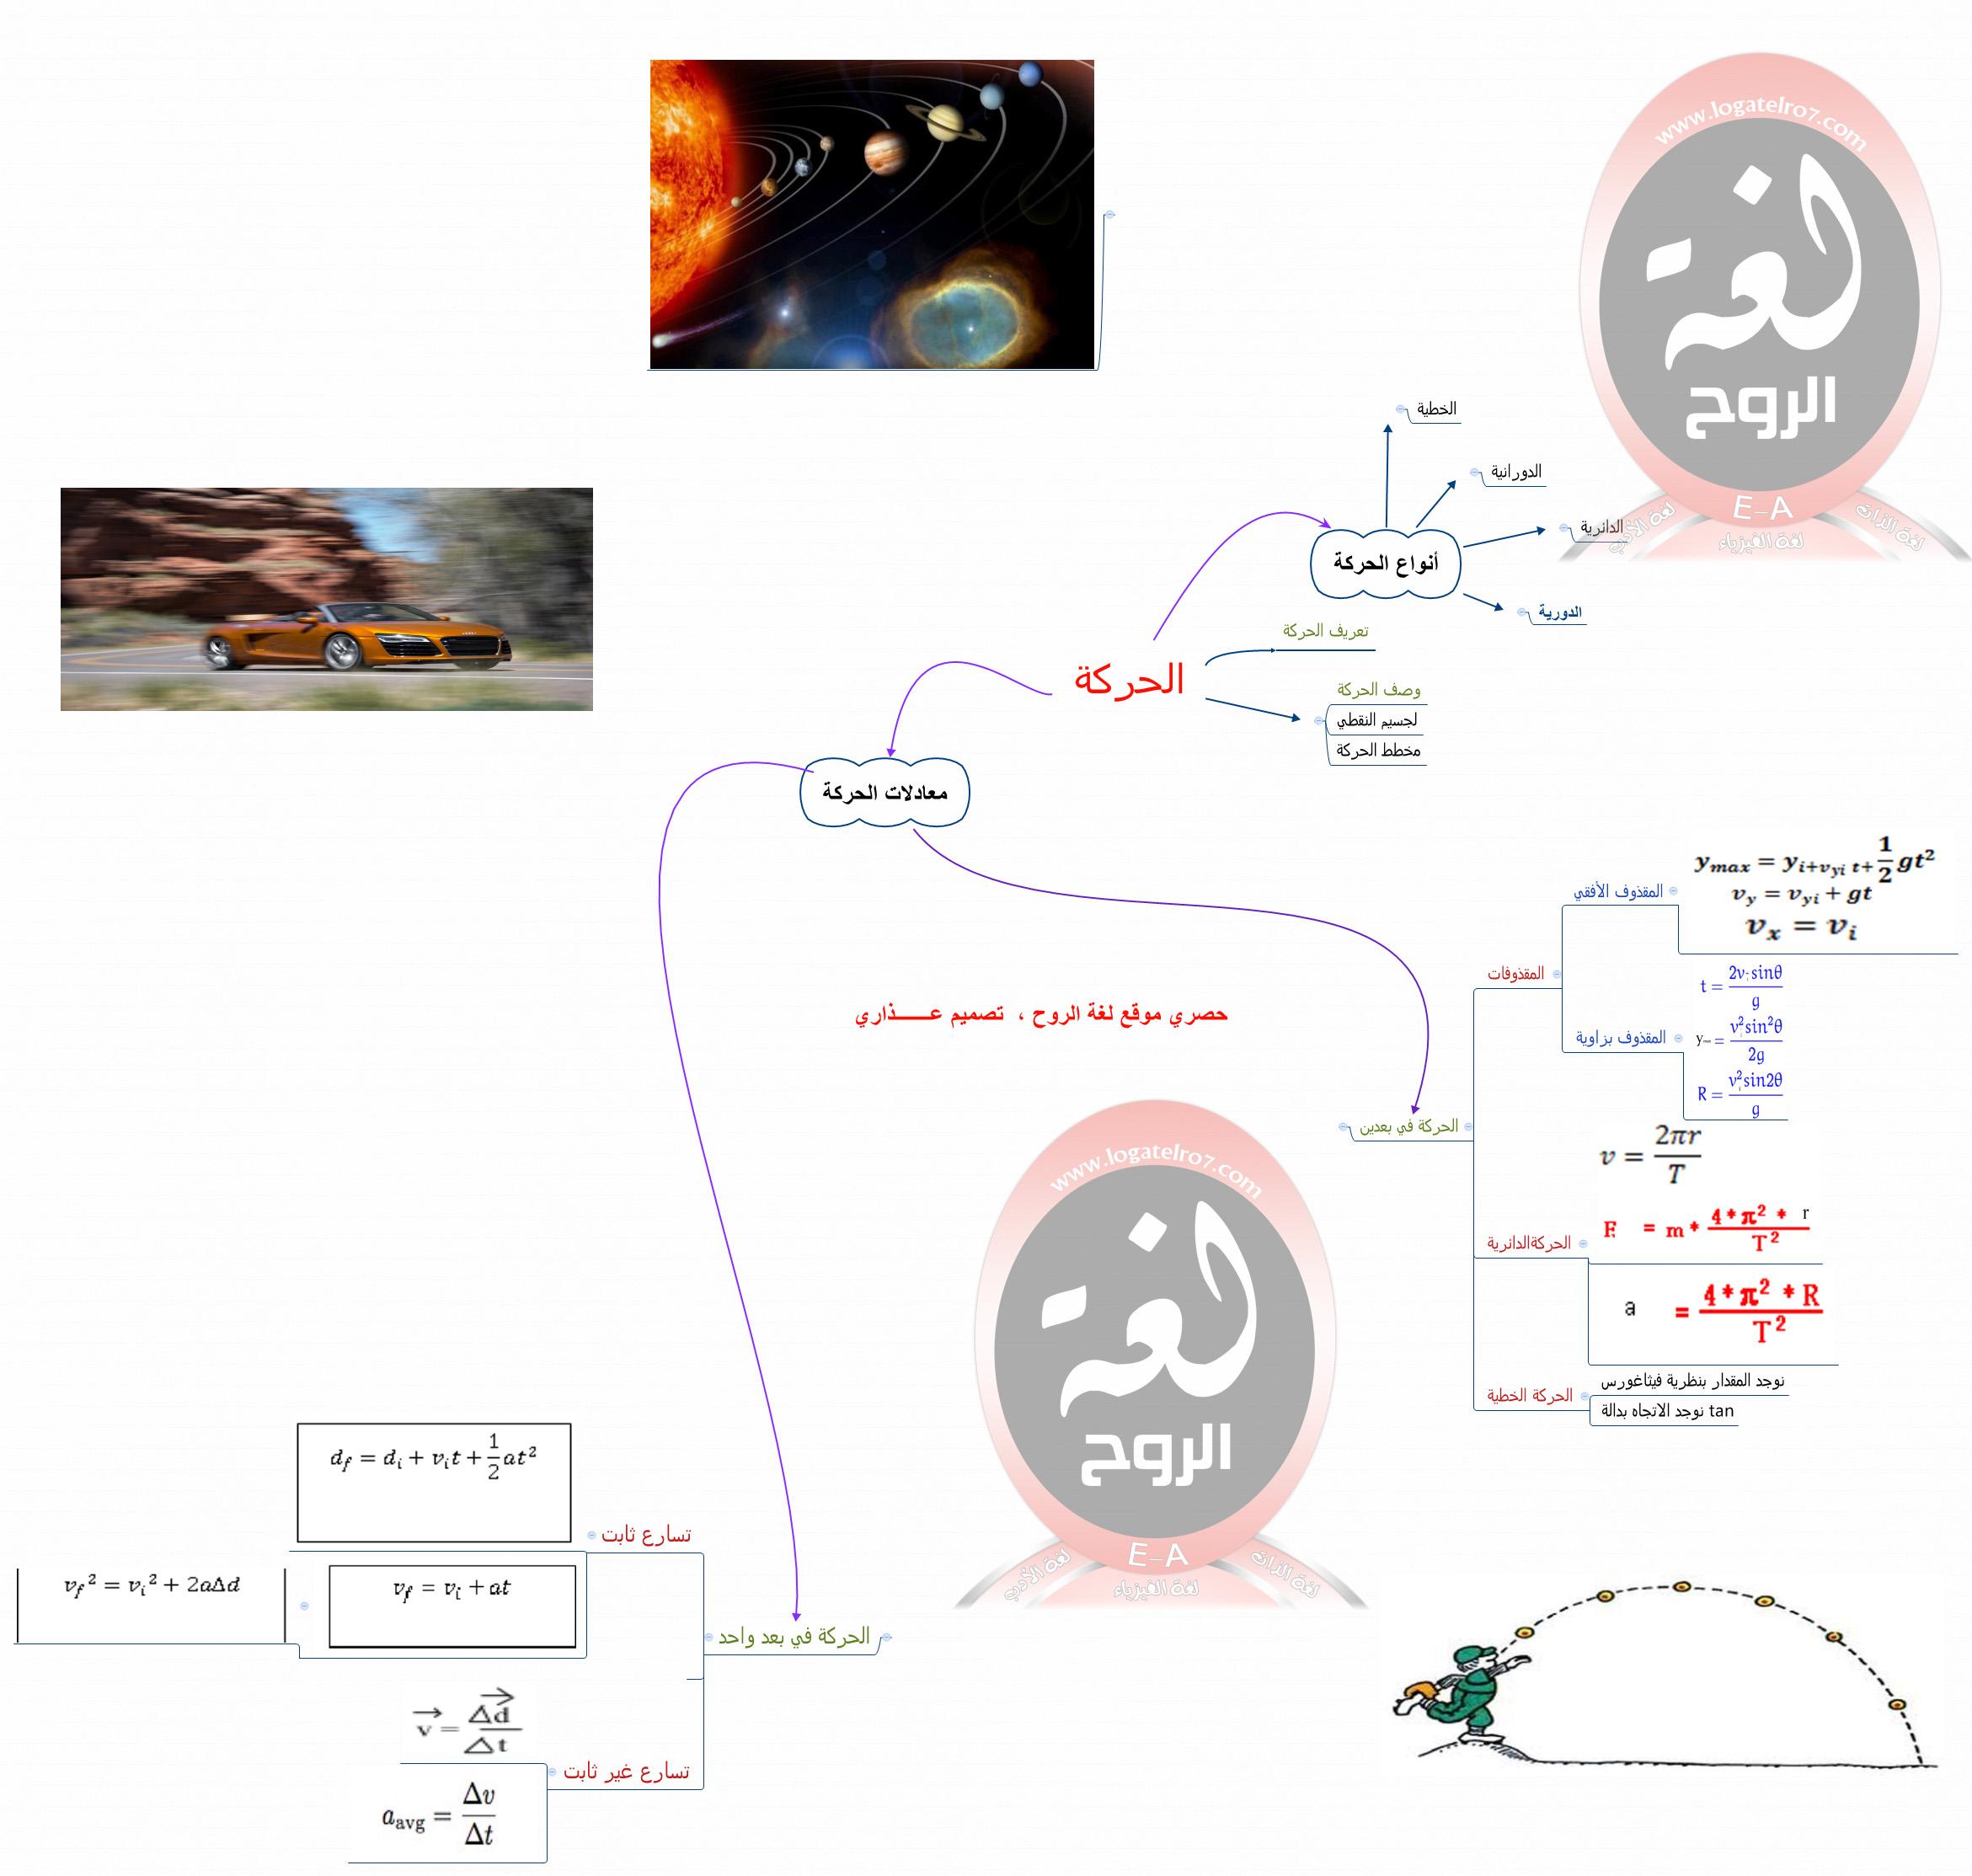 حصريا خريطة ذهنية منهج فيزياء